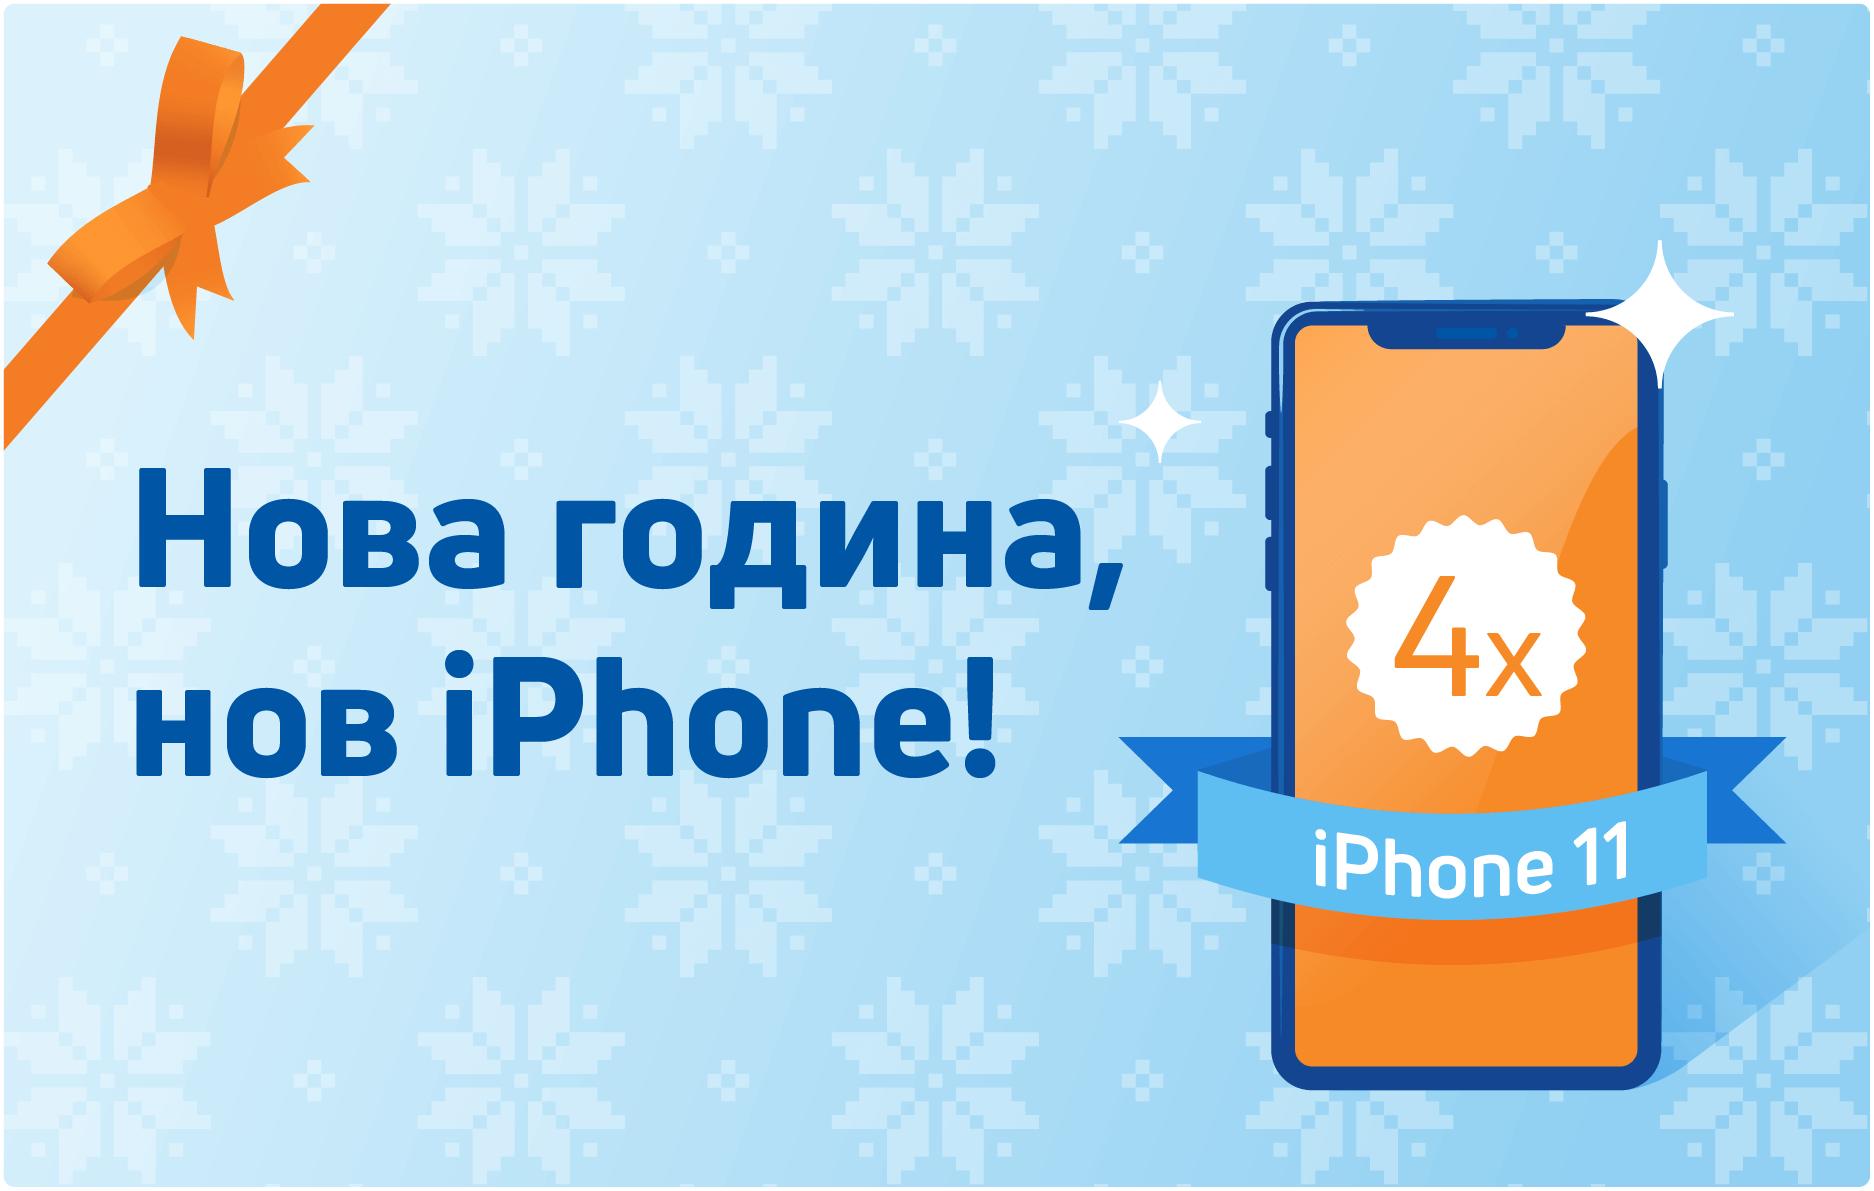 Добиј iPhone 11 со Credissimo!